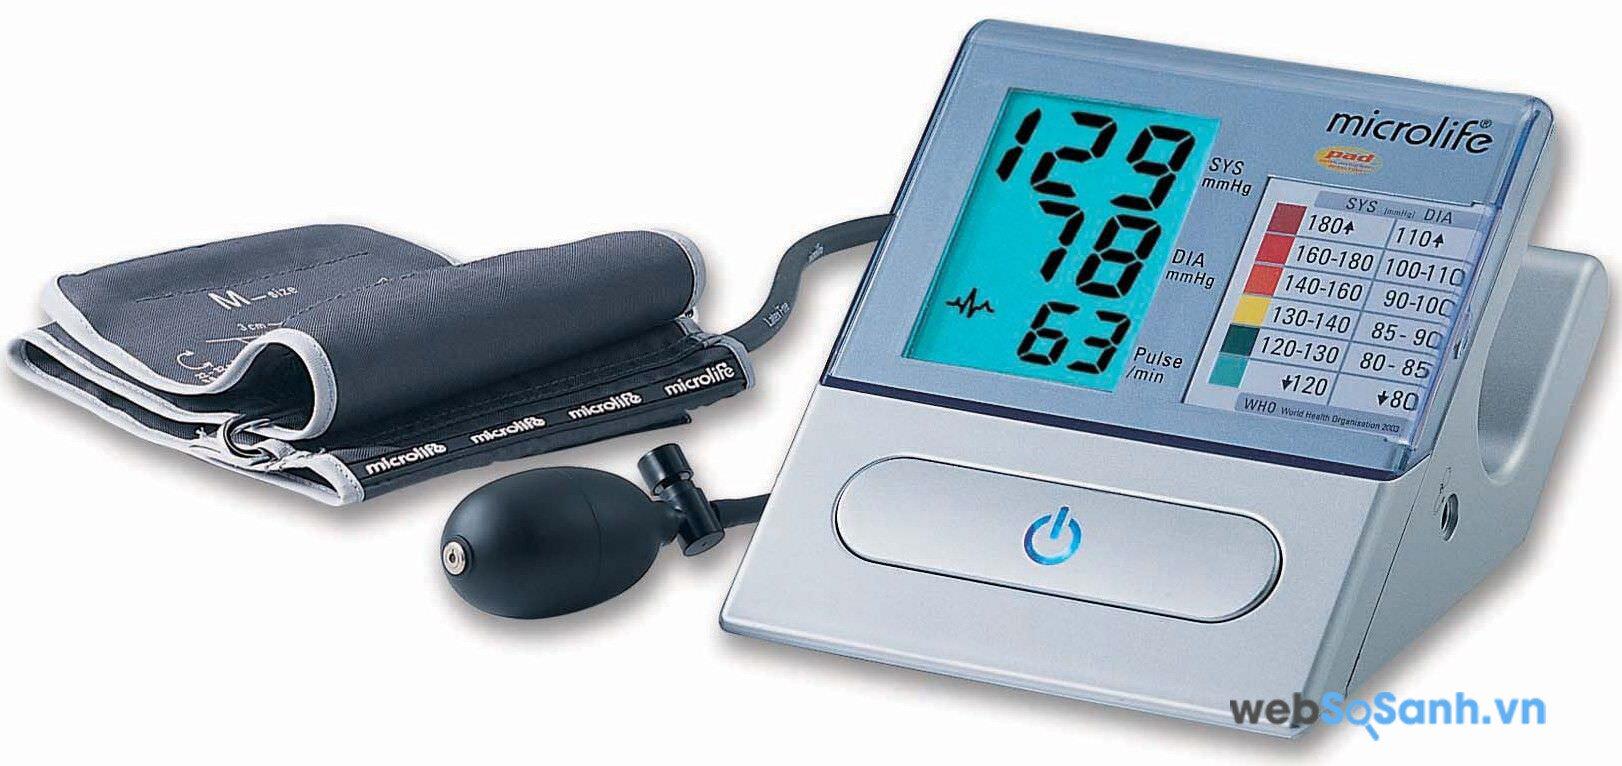 Máy đo huyết áp của Microlife được khá nhiều người tiêu dùng Việt Nam